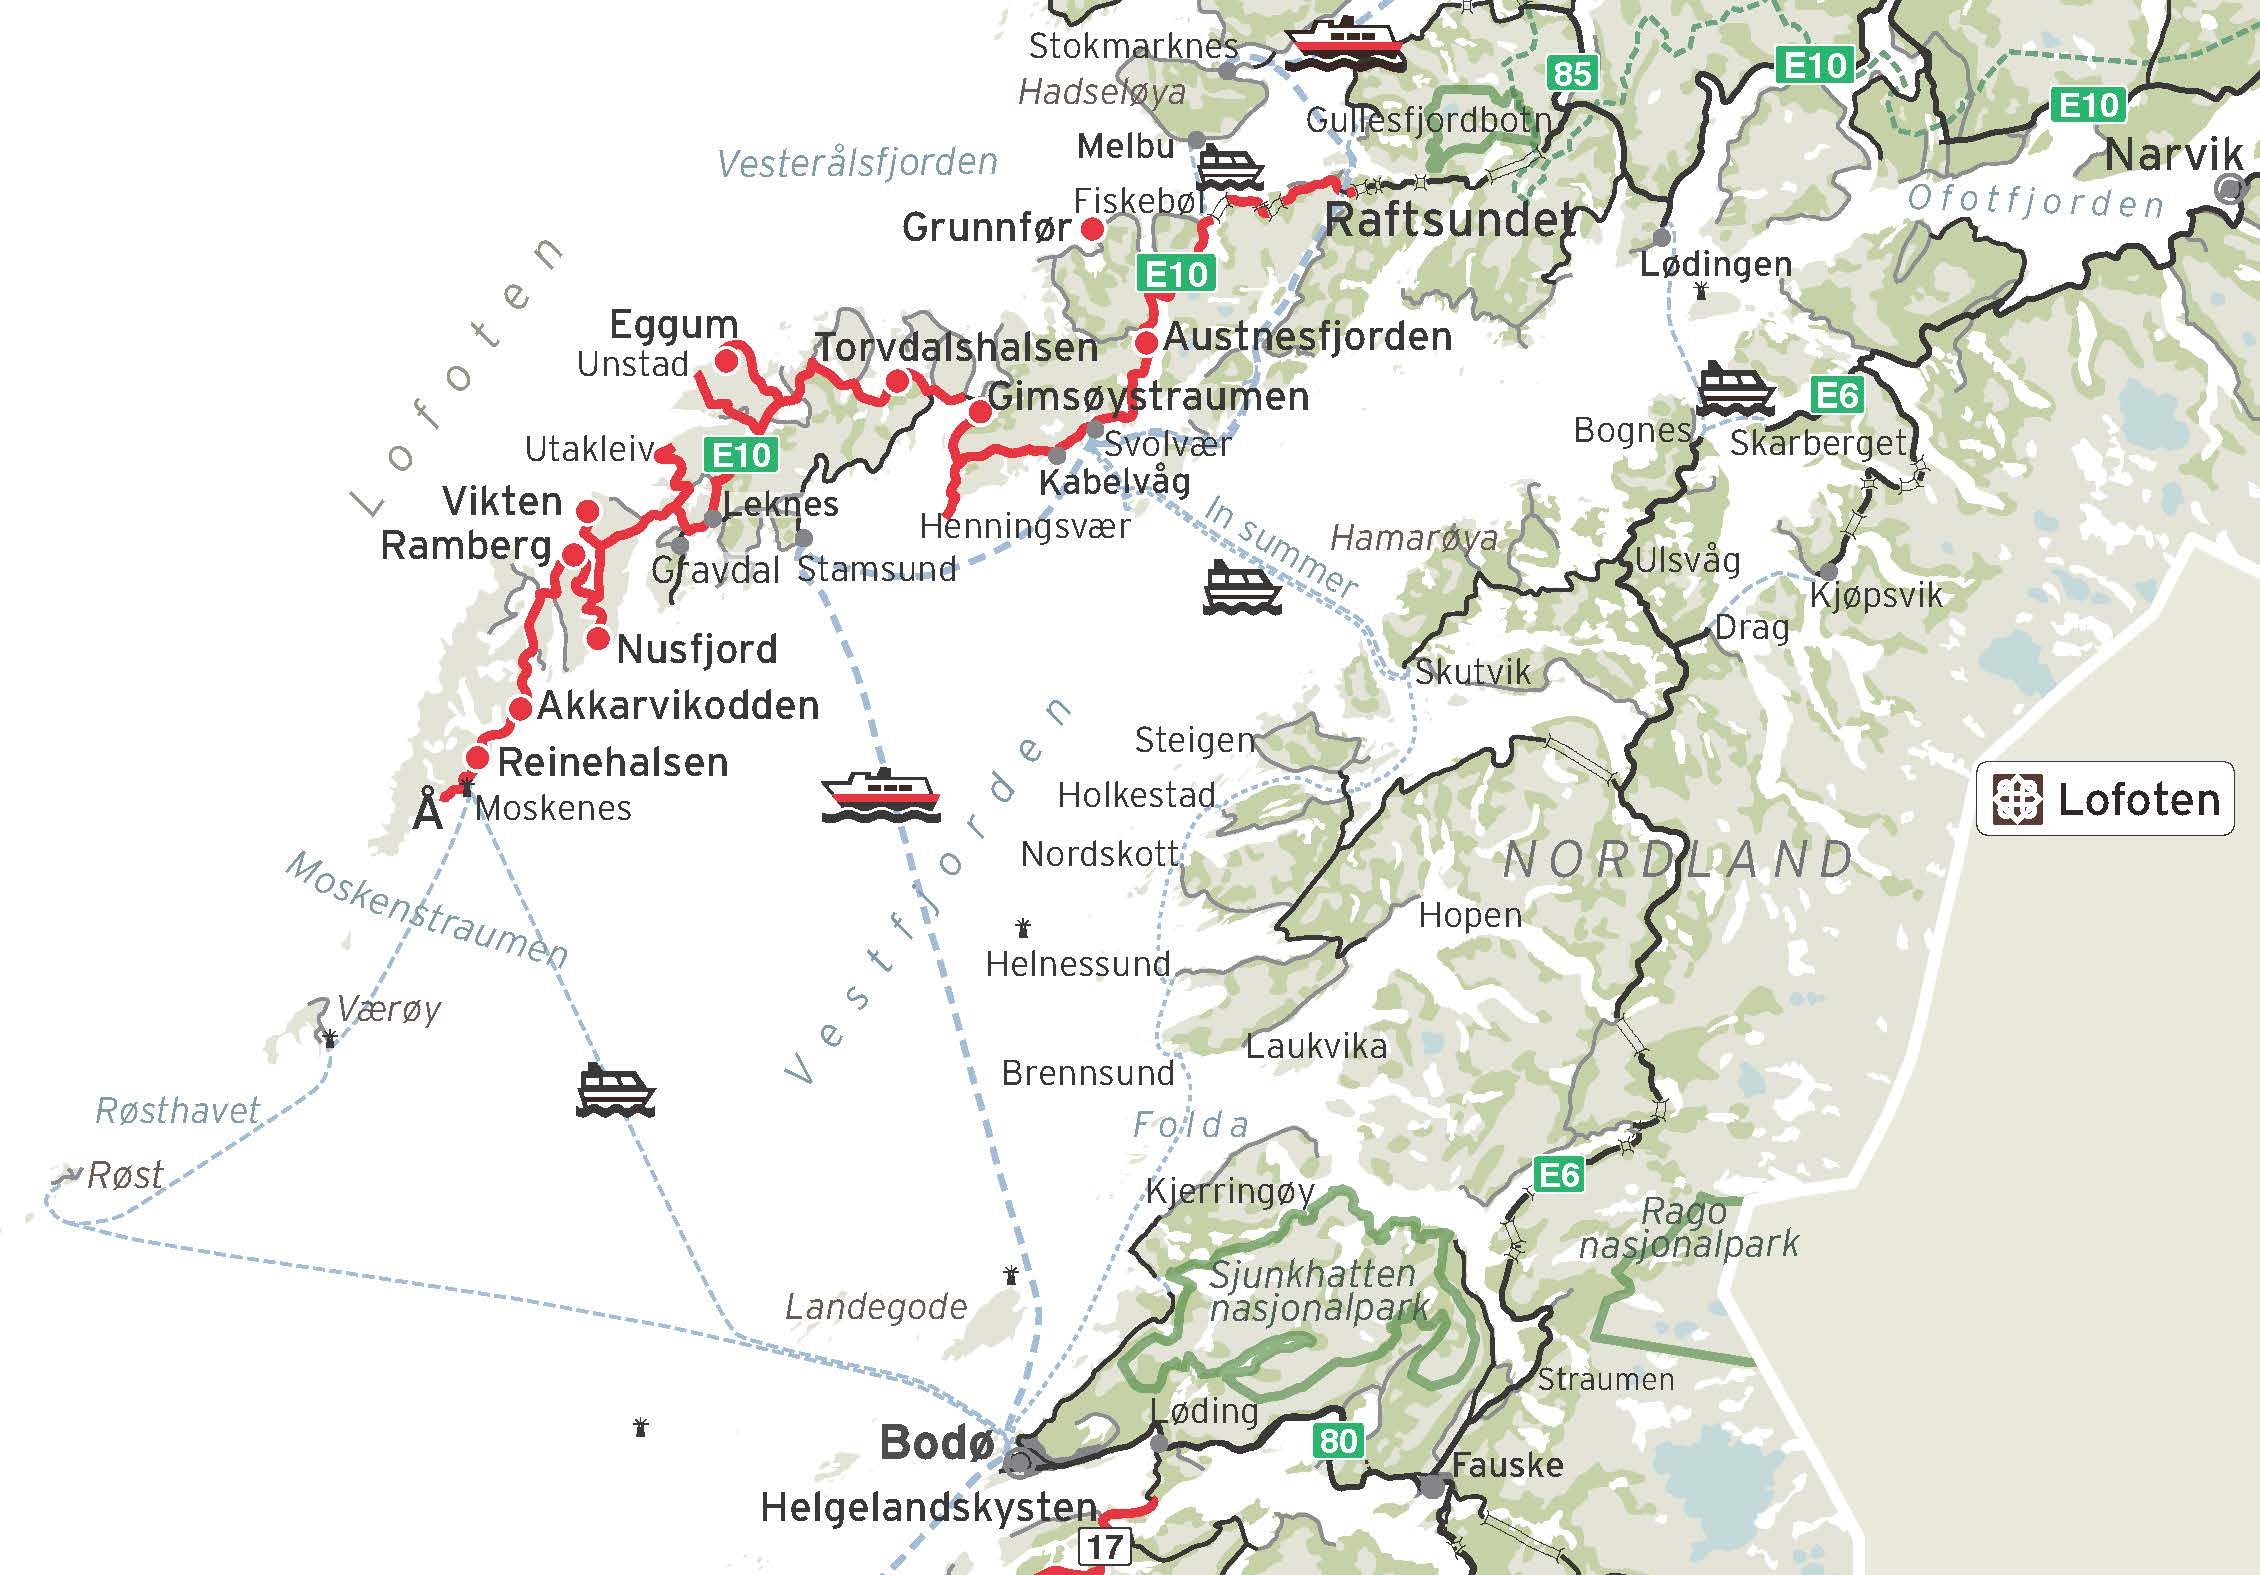 detaljer kart over lofoten Kart Lofoten og Svolvær detaljer kart over lofoten